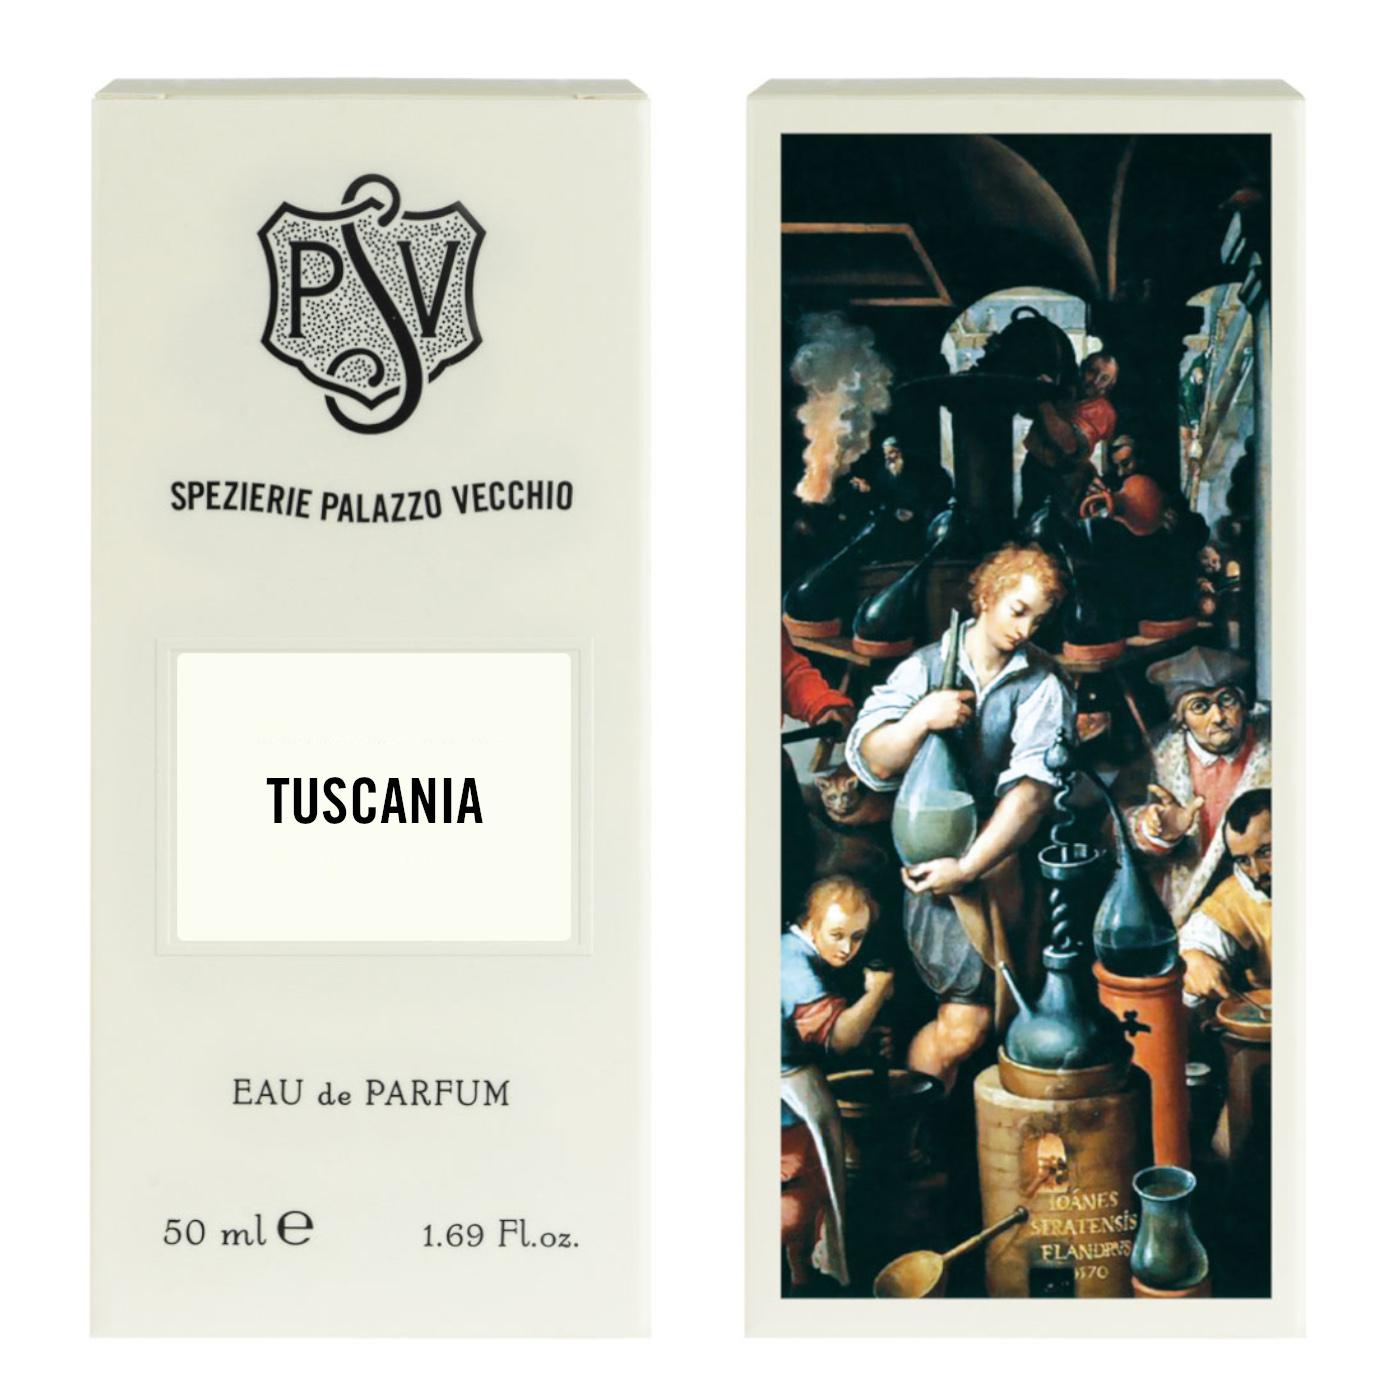 TUSCANIA Eau de Parfum-4896